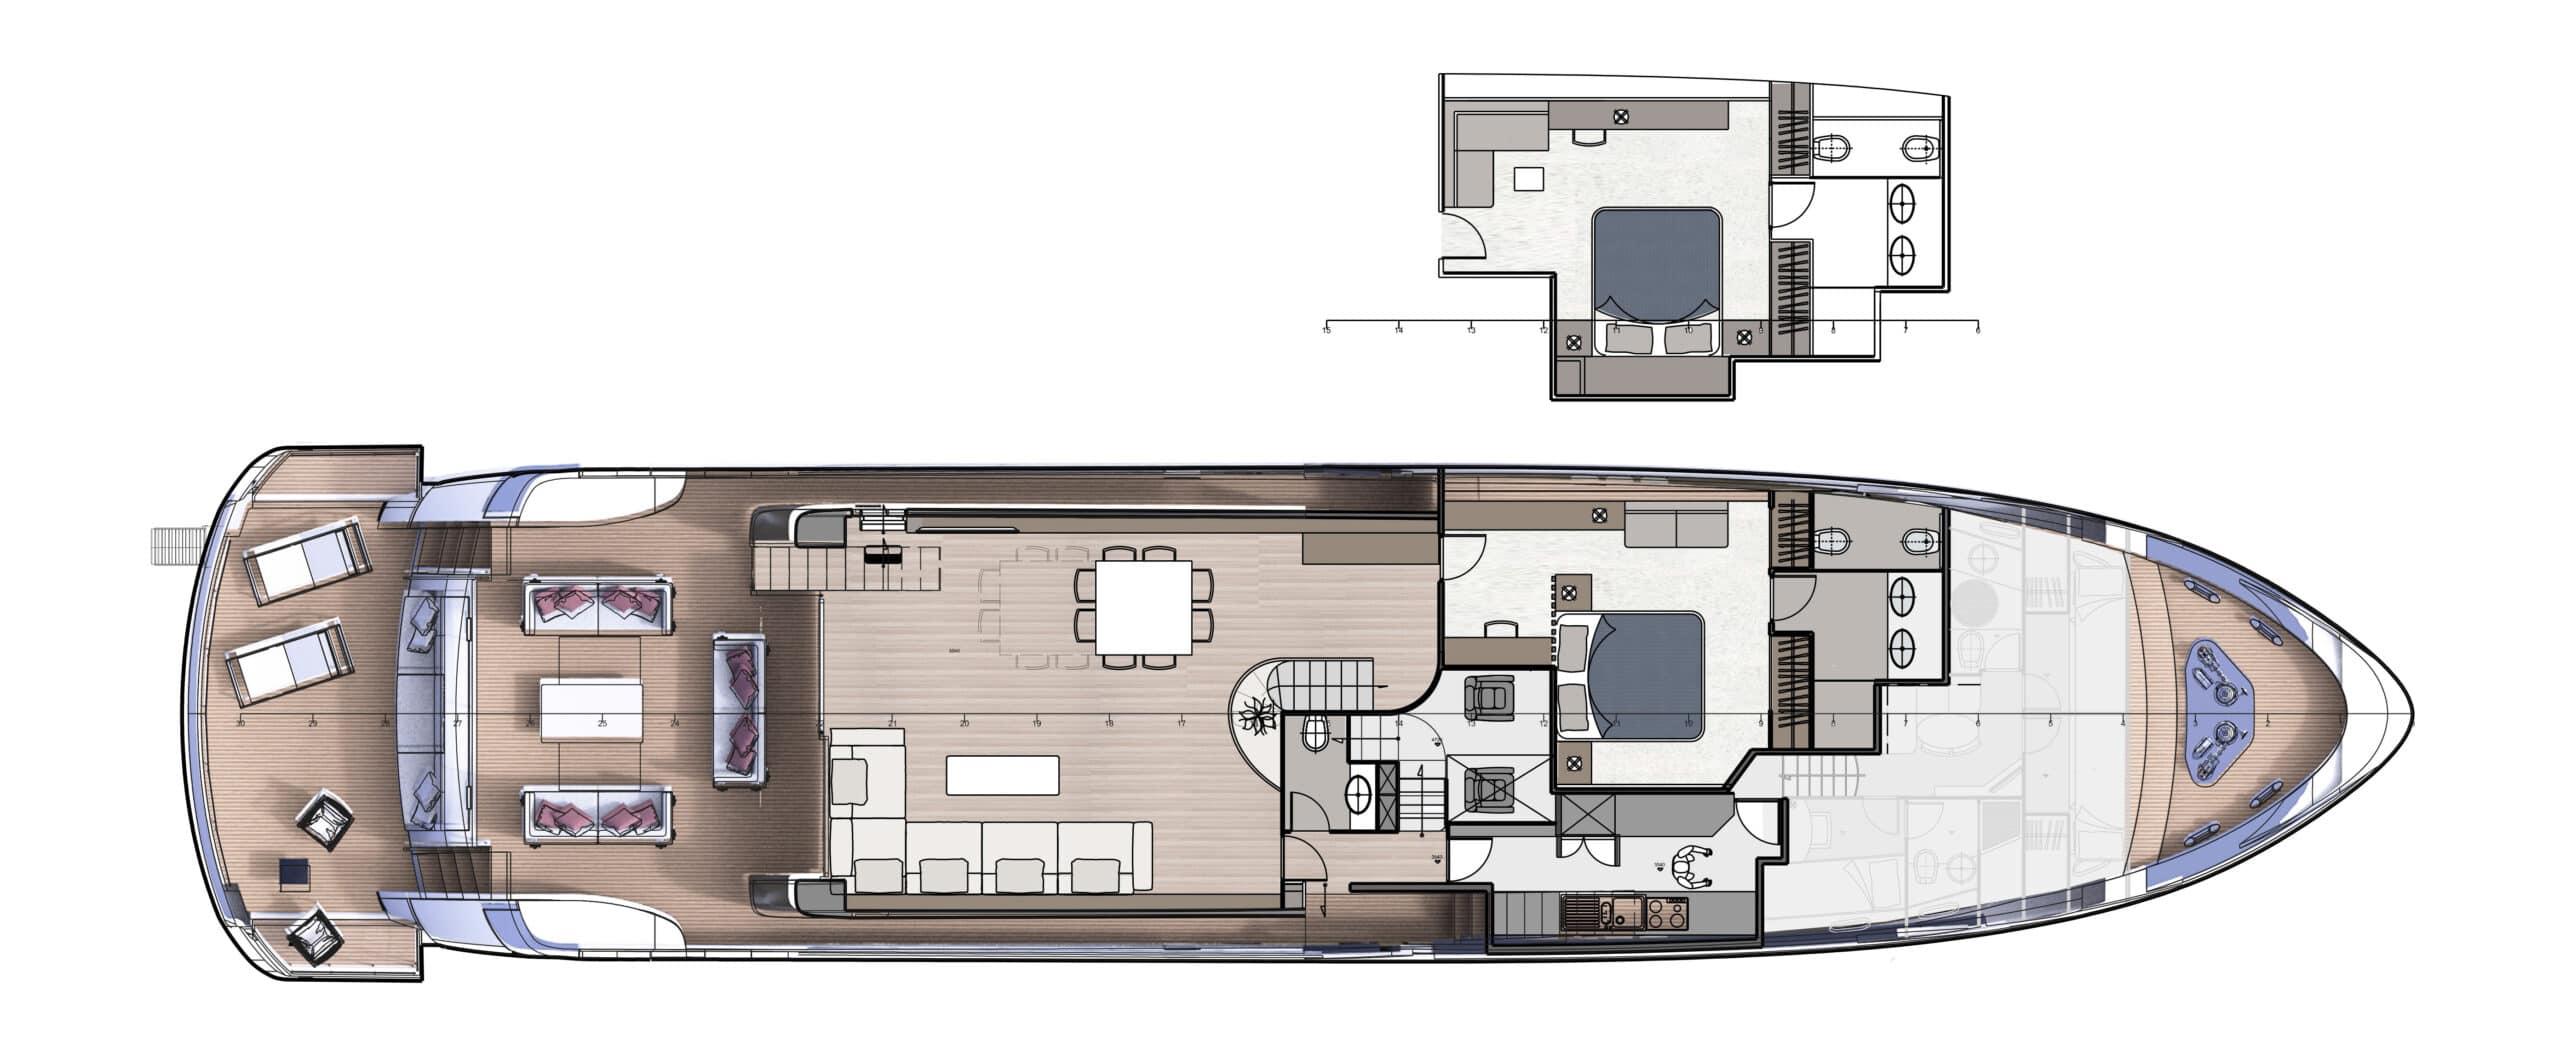 F100 Main Deck